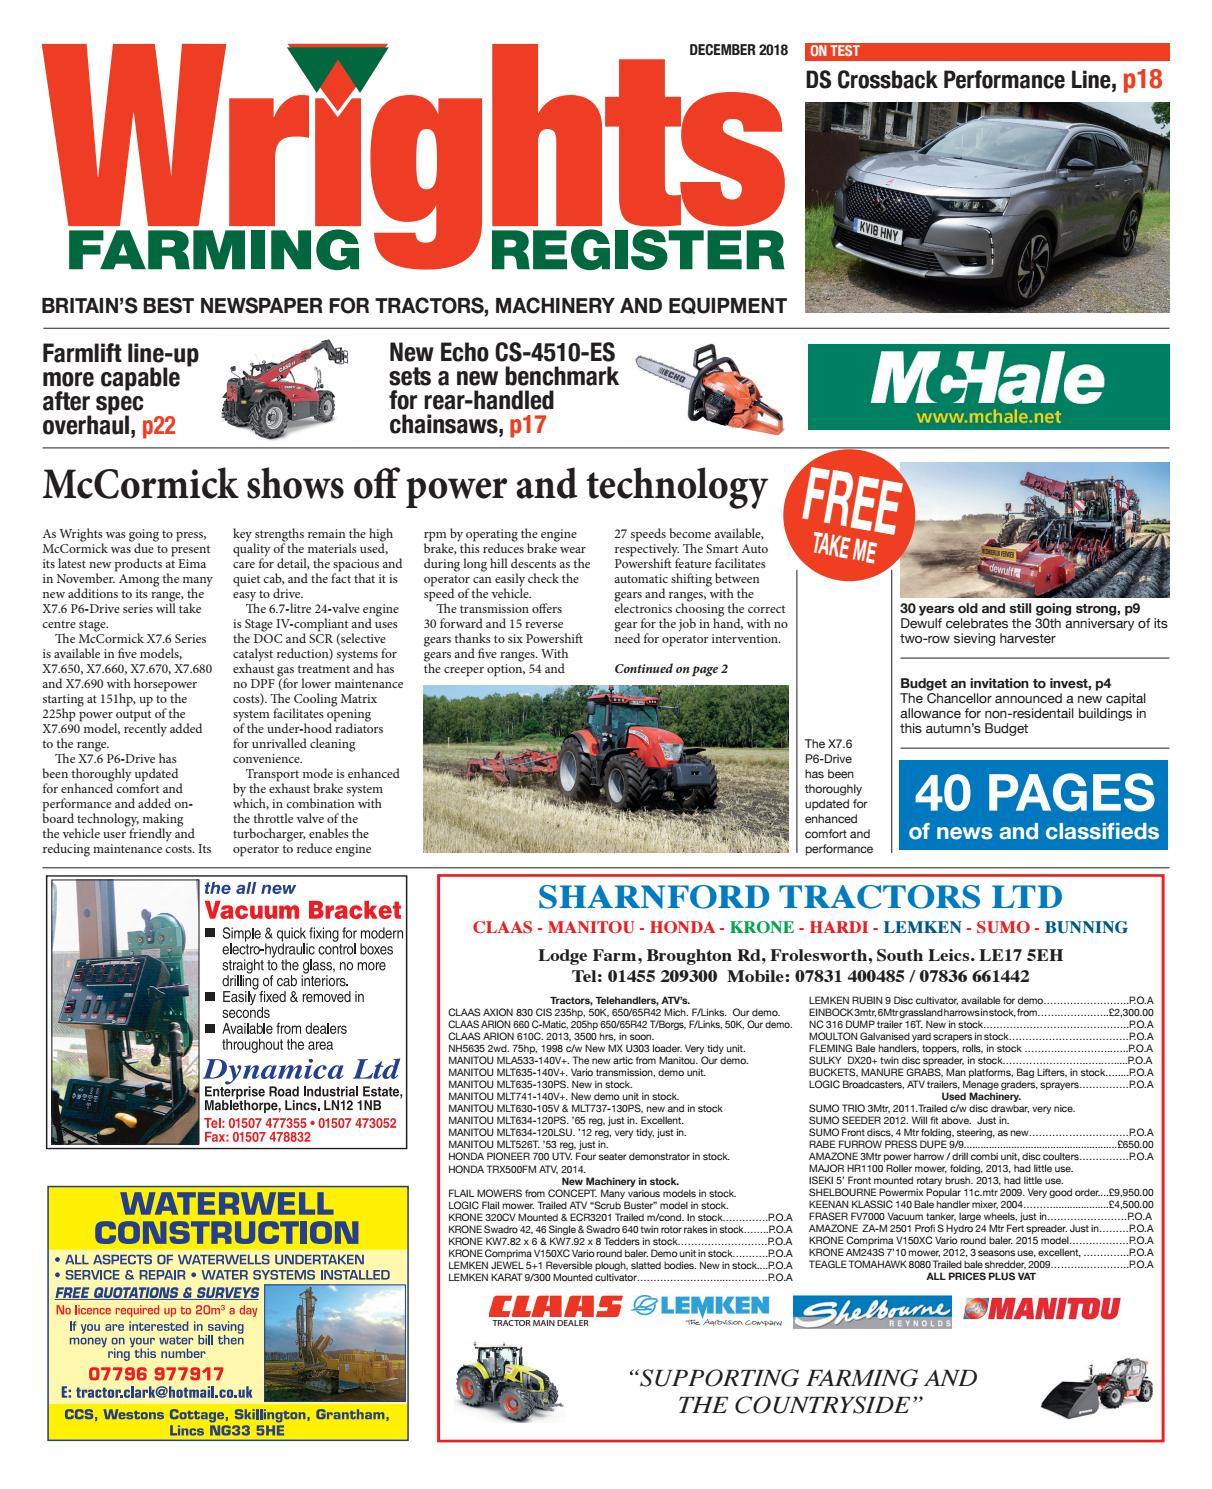 Wrights Farming Register 2018 - December by Wrights Farming Register